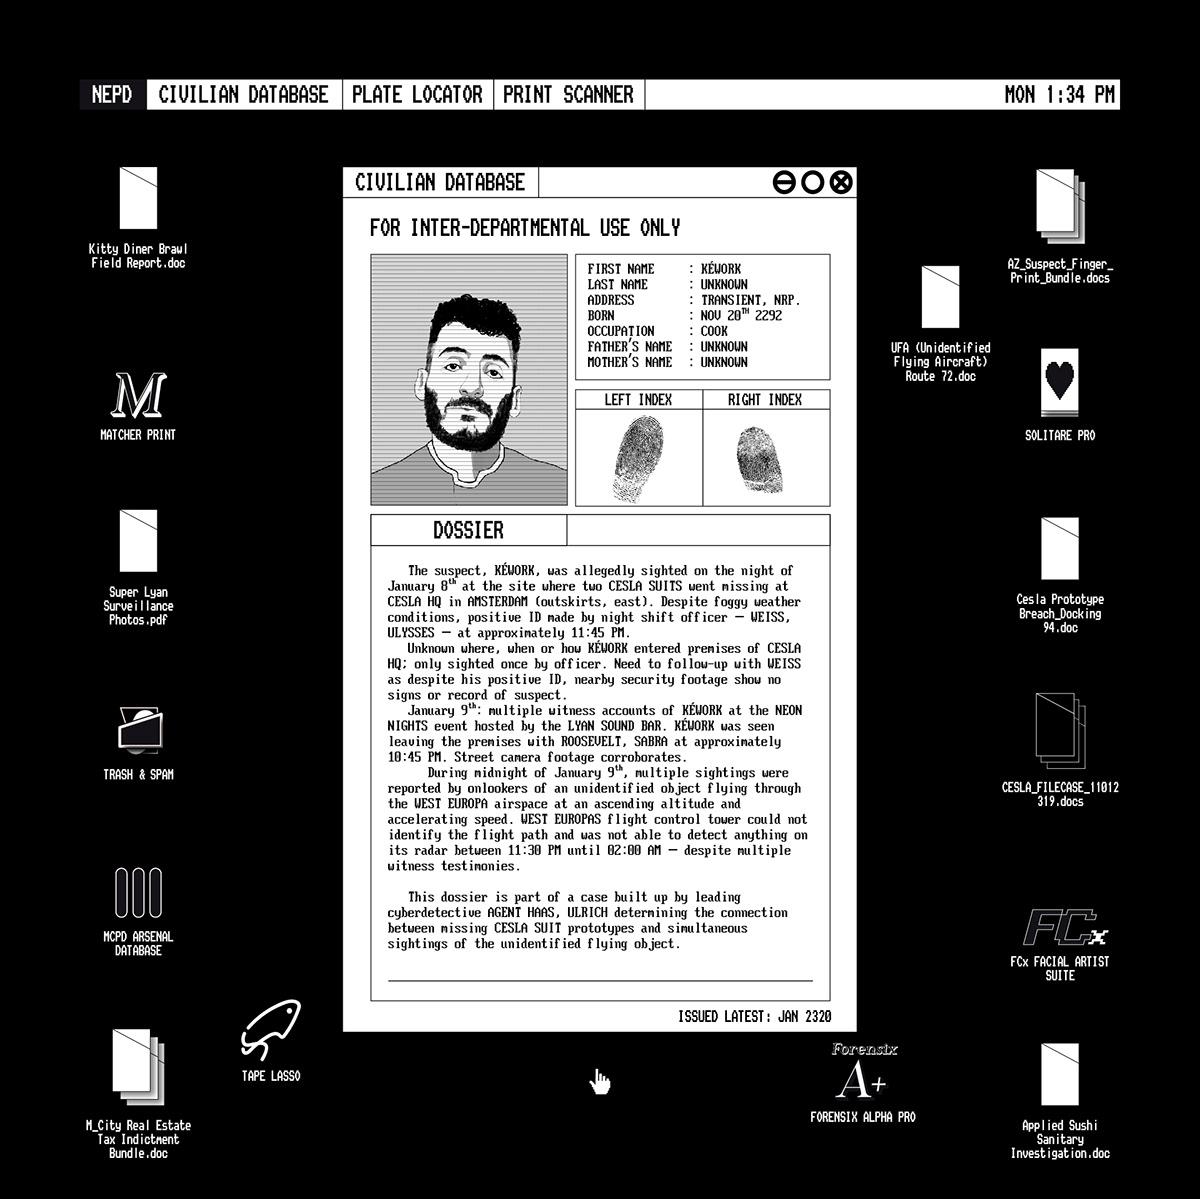 Image may contain: abstract, screenshot and human face